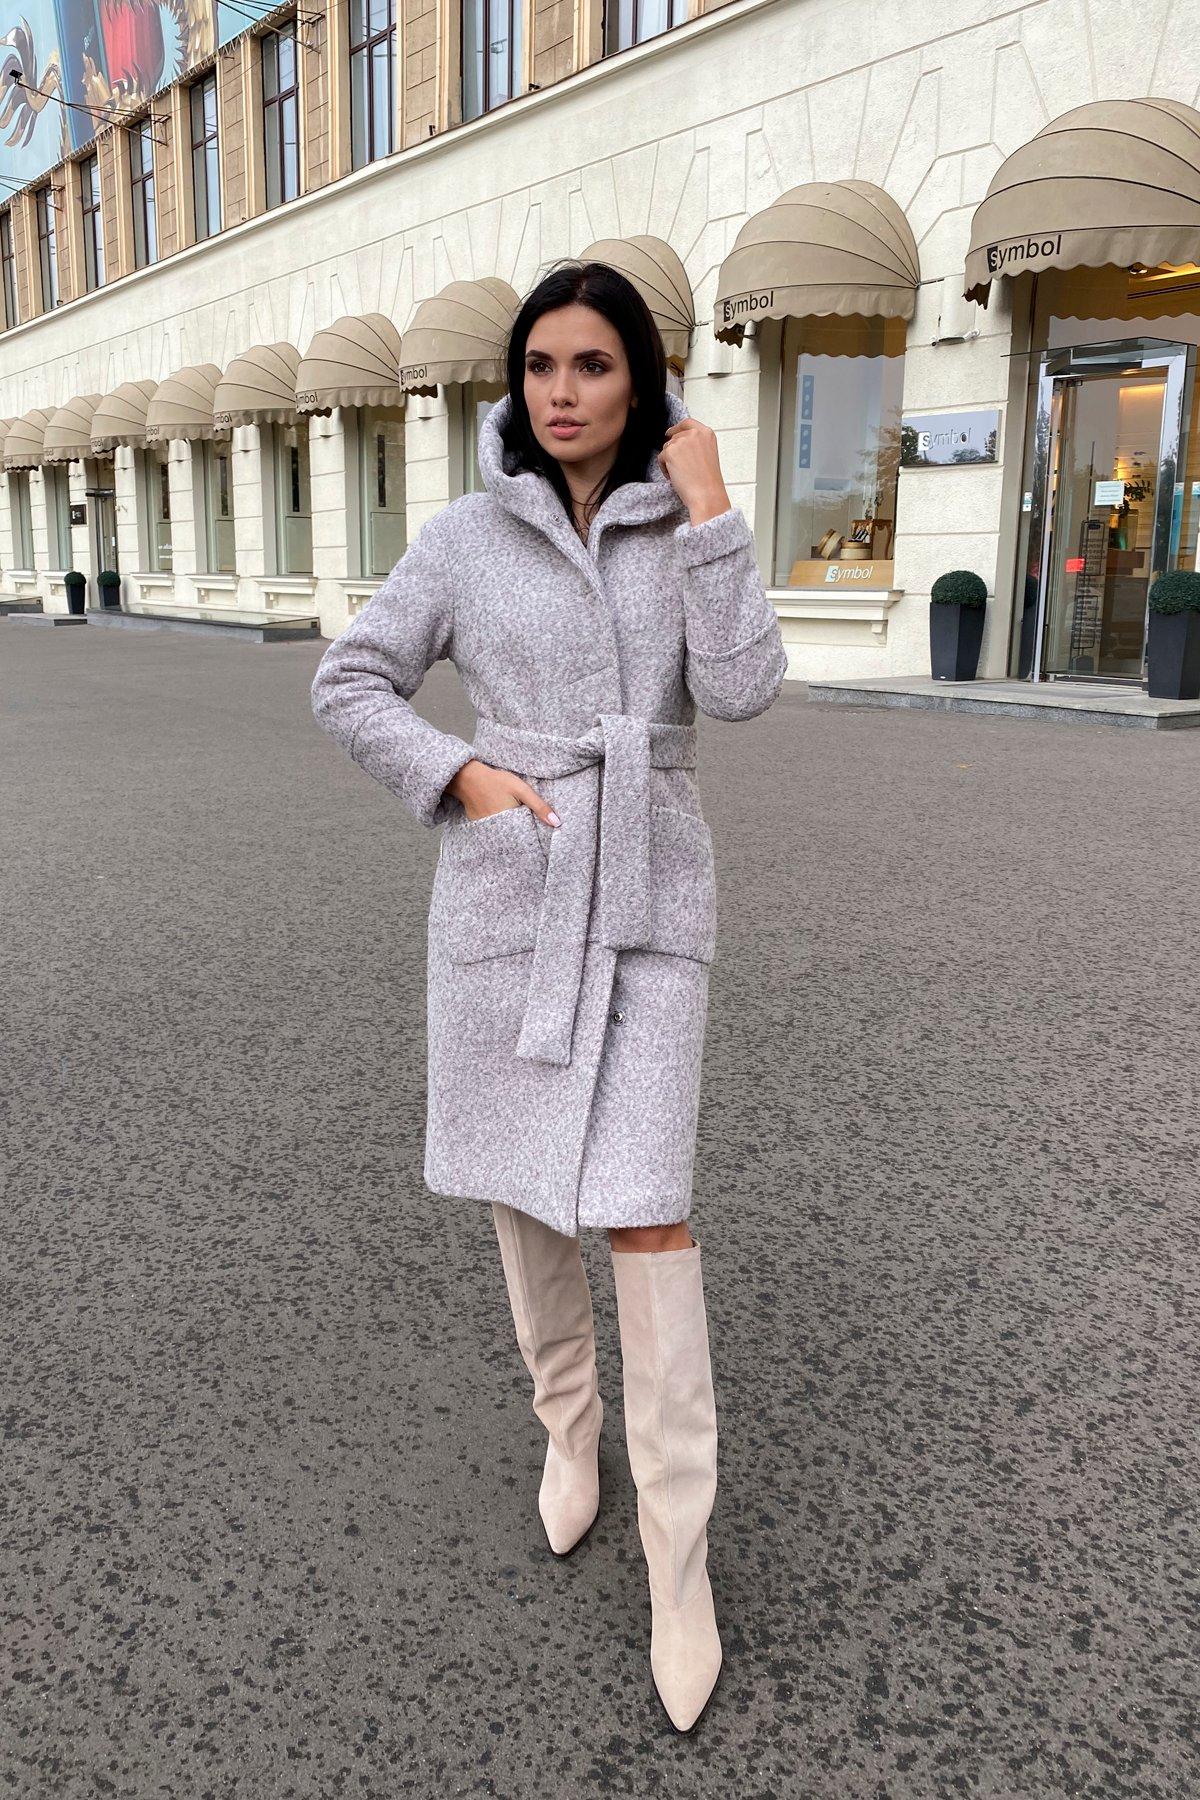 Пальто зима шерсть букле Анита 8320 АРТ. 44439 Цвет: Серый/бежевый 24 - фото 18, интернет магазин tm-modus.ru